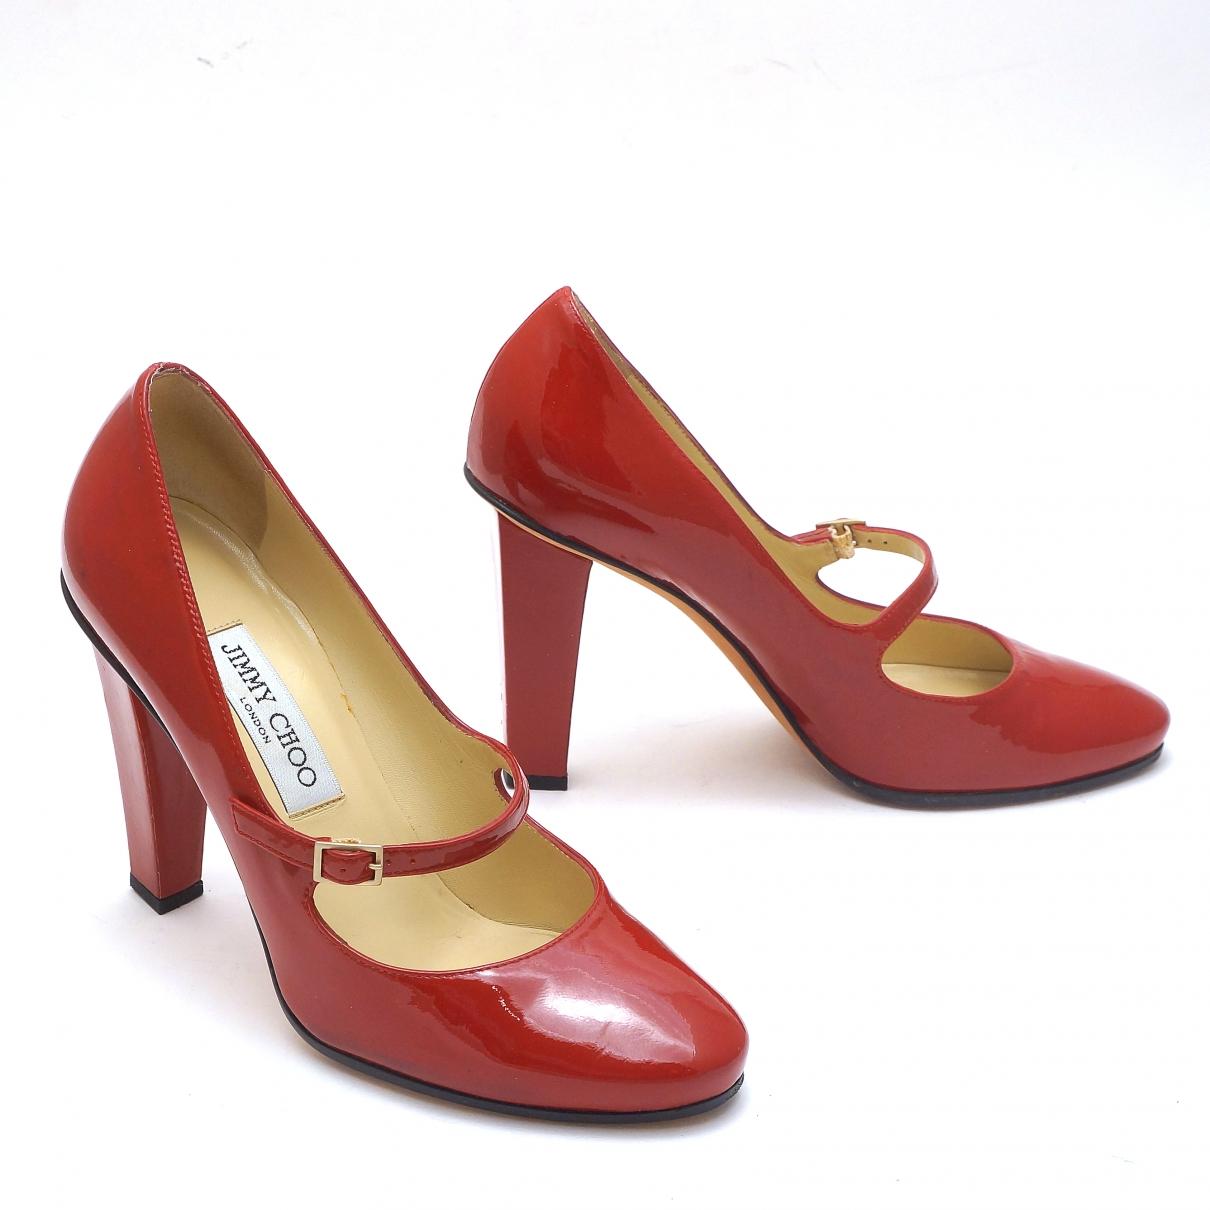 Jimmy Choo - Escarpins   pour femme en cuir verni - rouge